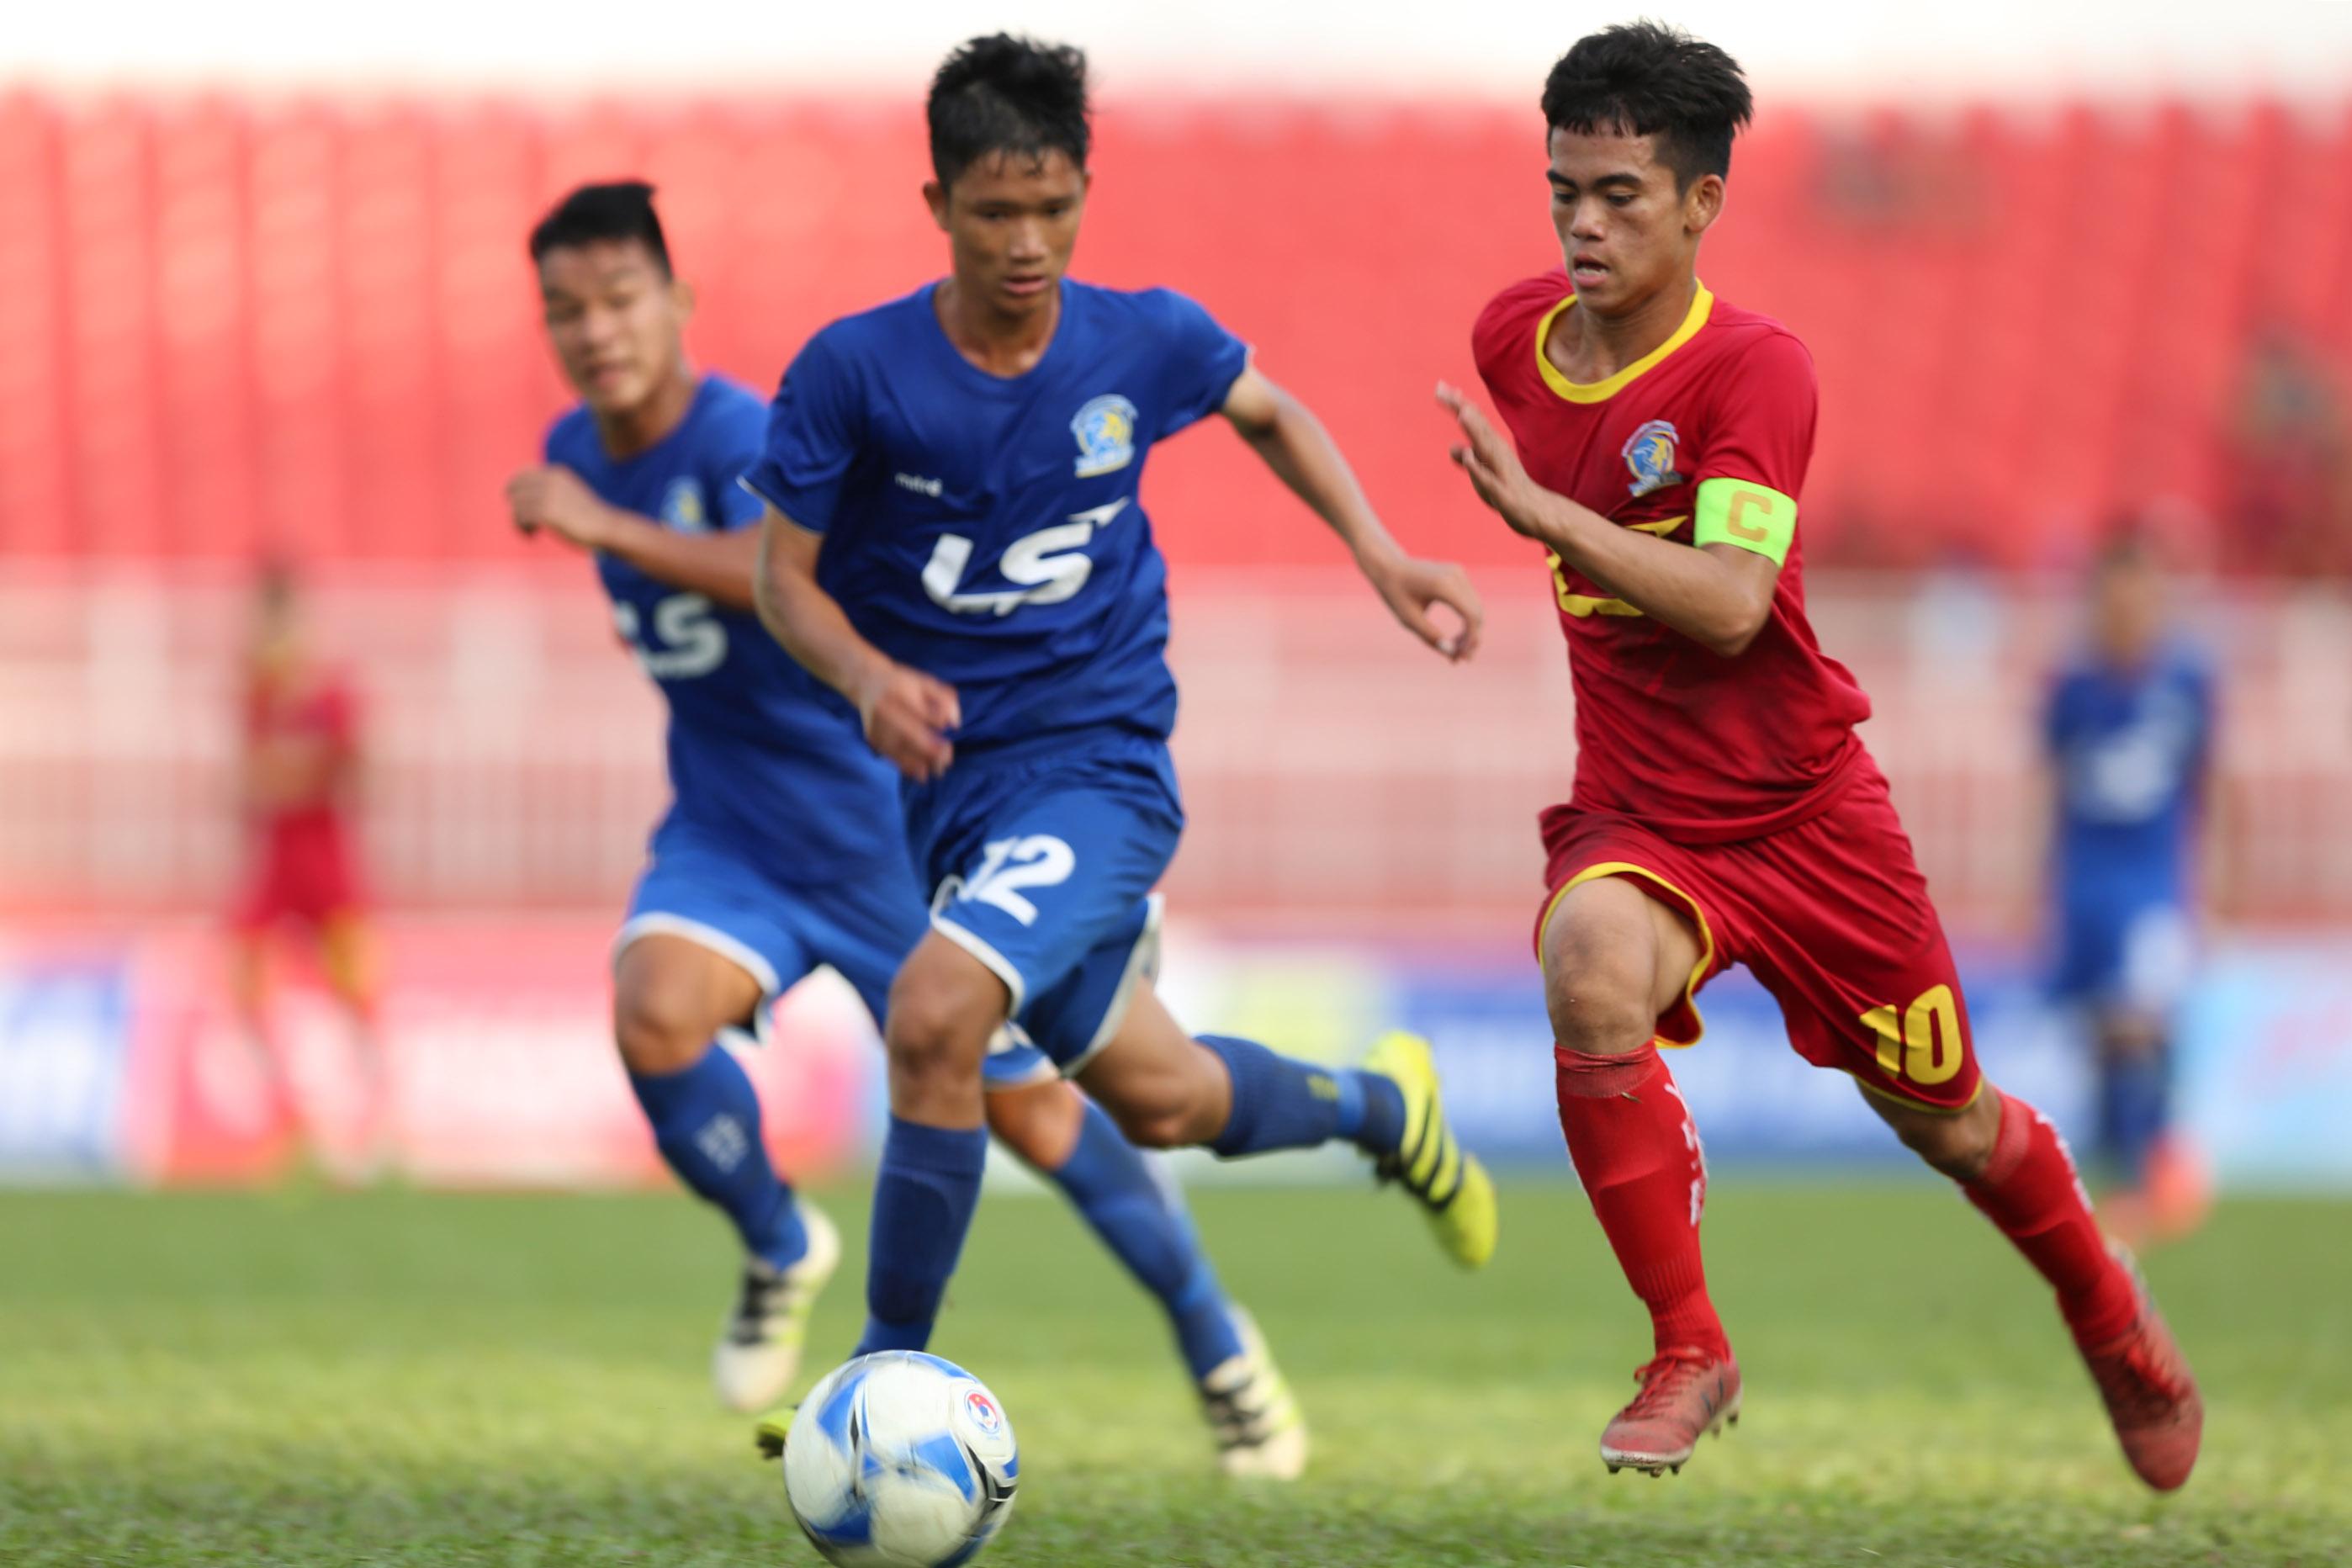 VCK U15 Quốc gia 2018: Viettel tranh chung kết với SLN - Bóng Đá